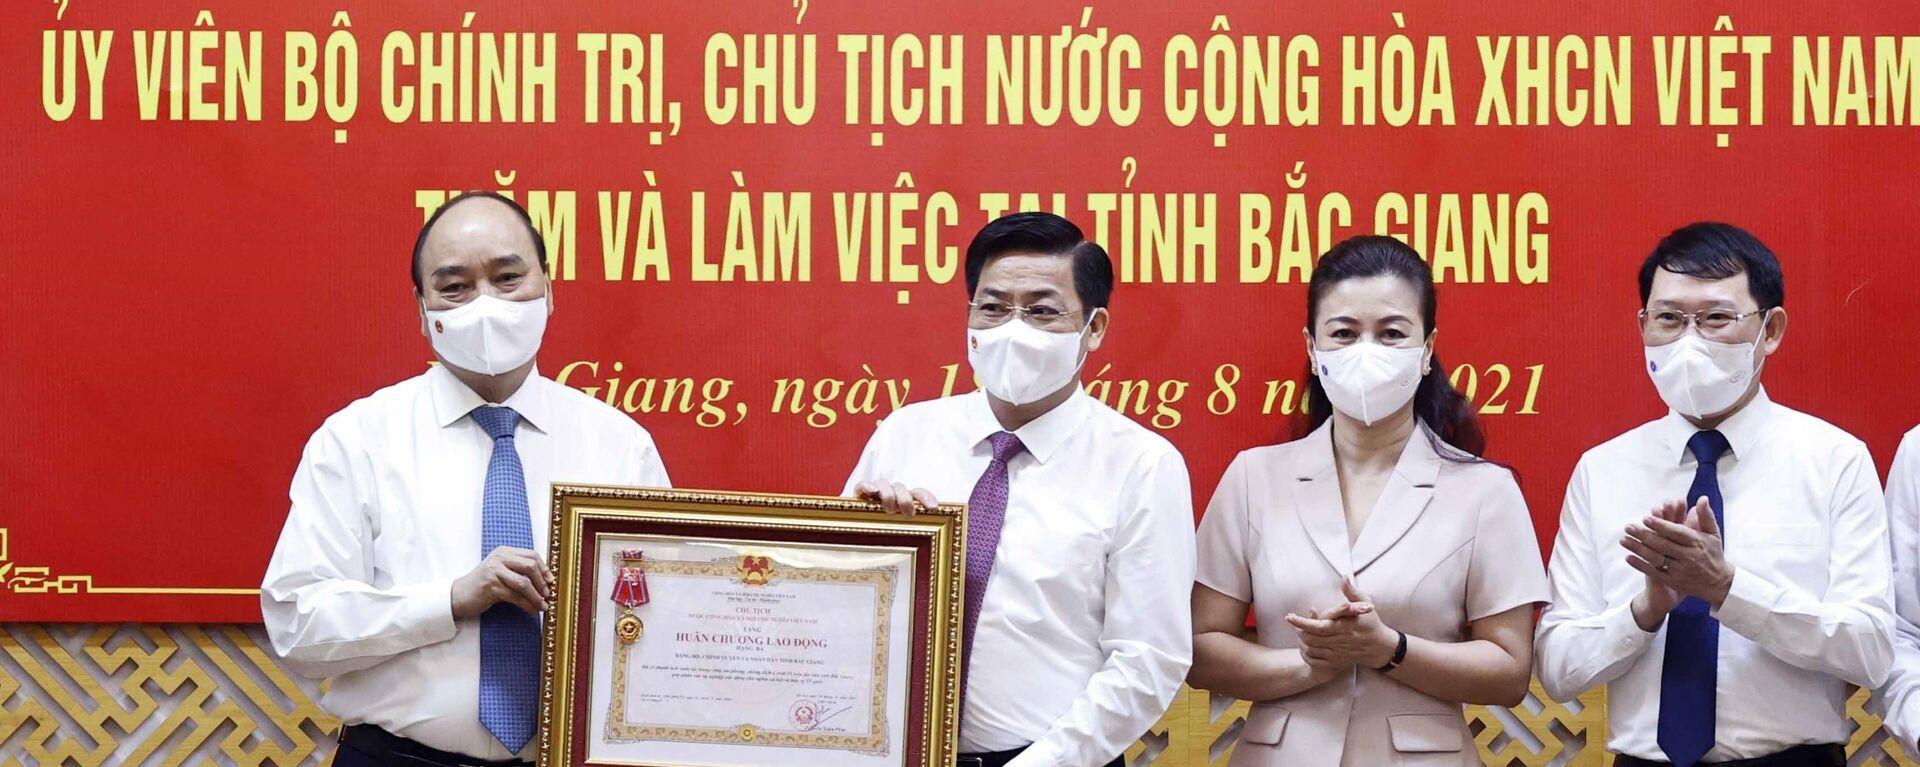 Chủ tịch nước Nguyễn Xuân Phúc thăm và làm việc tại Bắc Giang - Sputnik Việt Nam, 1920, 18.08.2021